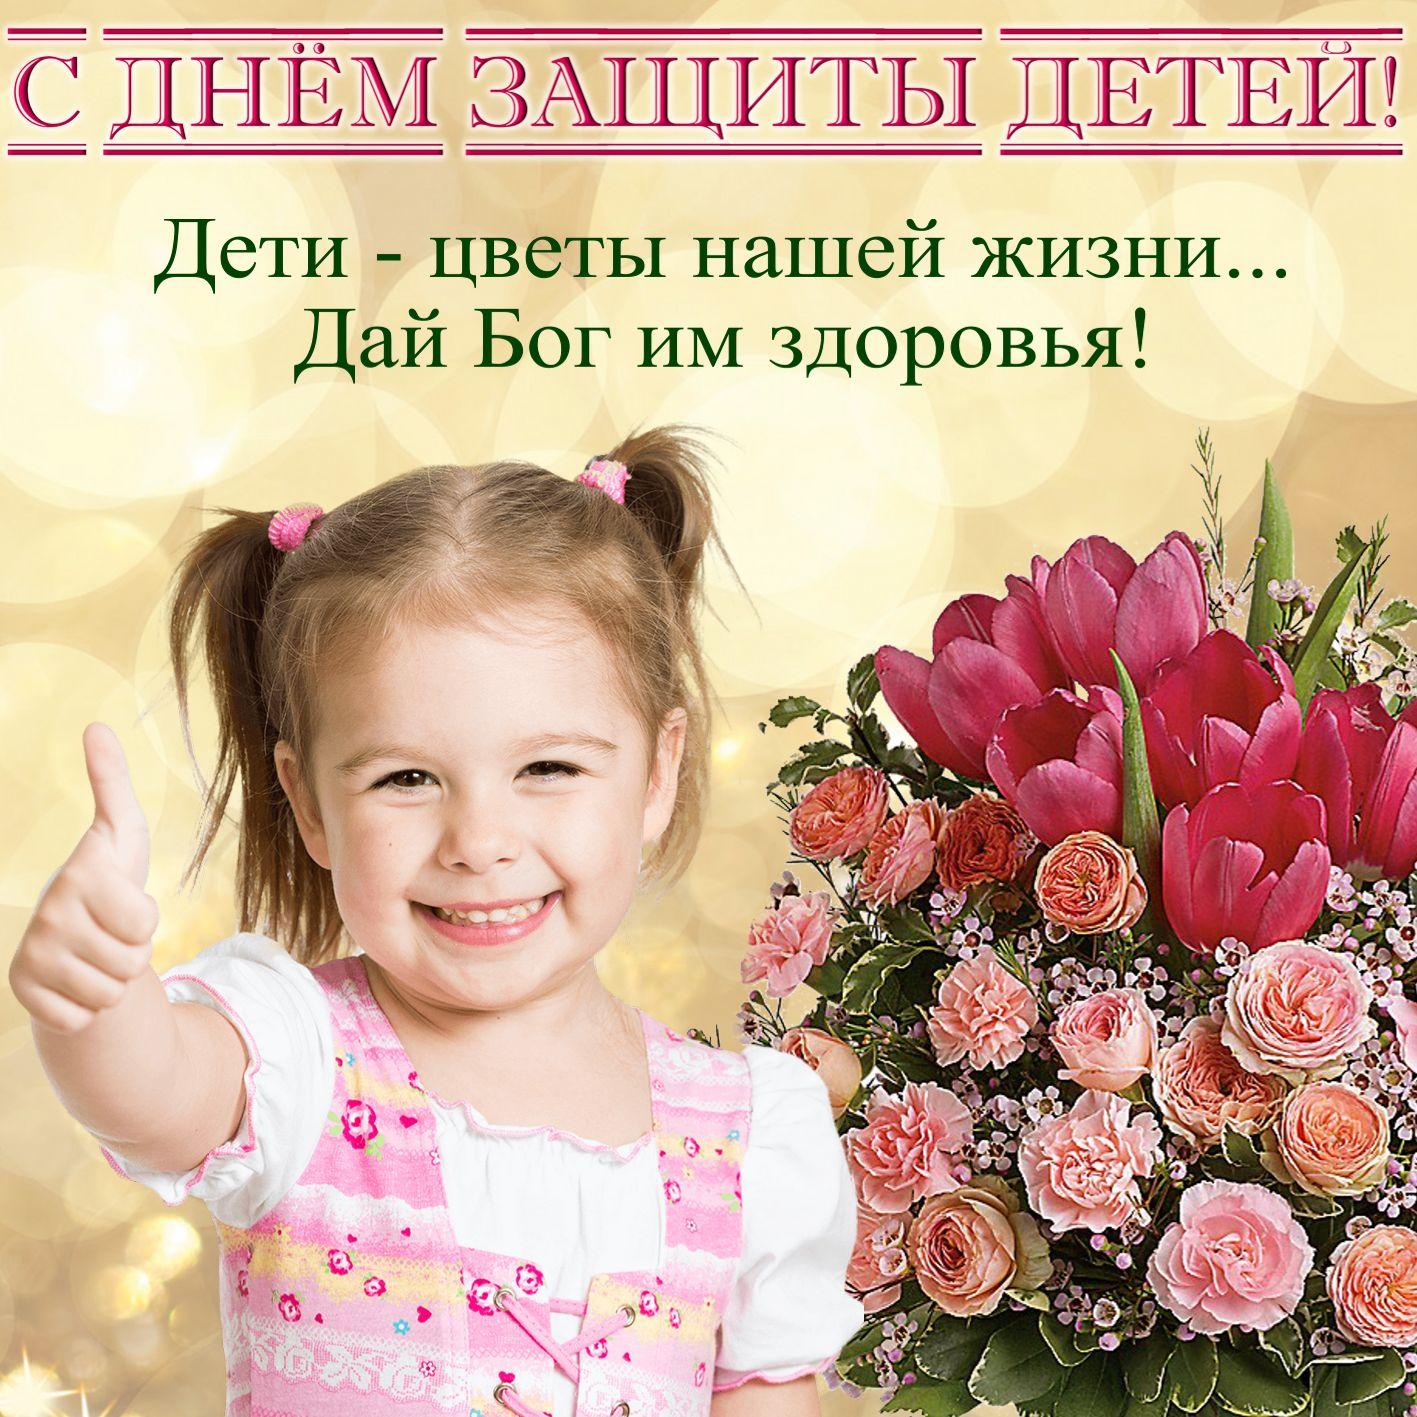 Открытка на День защиты детей - радостная девочка и букет цветов